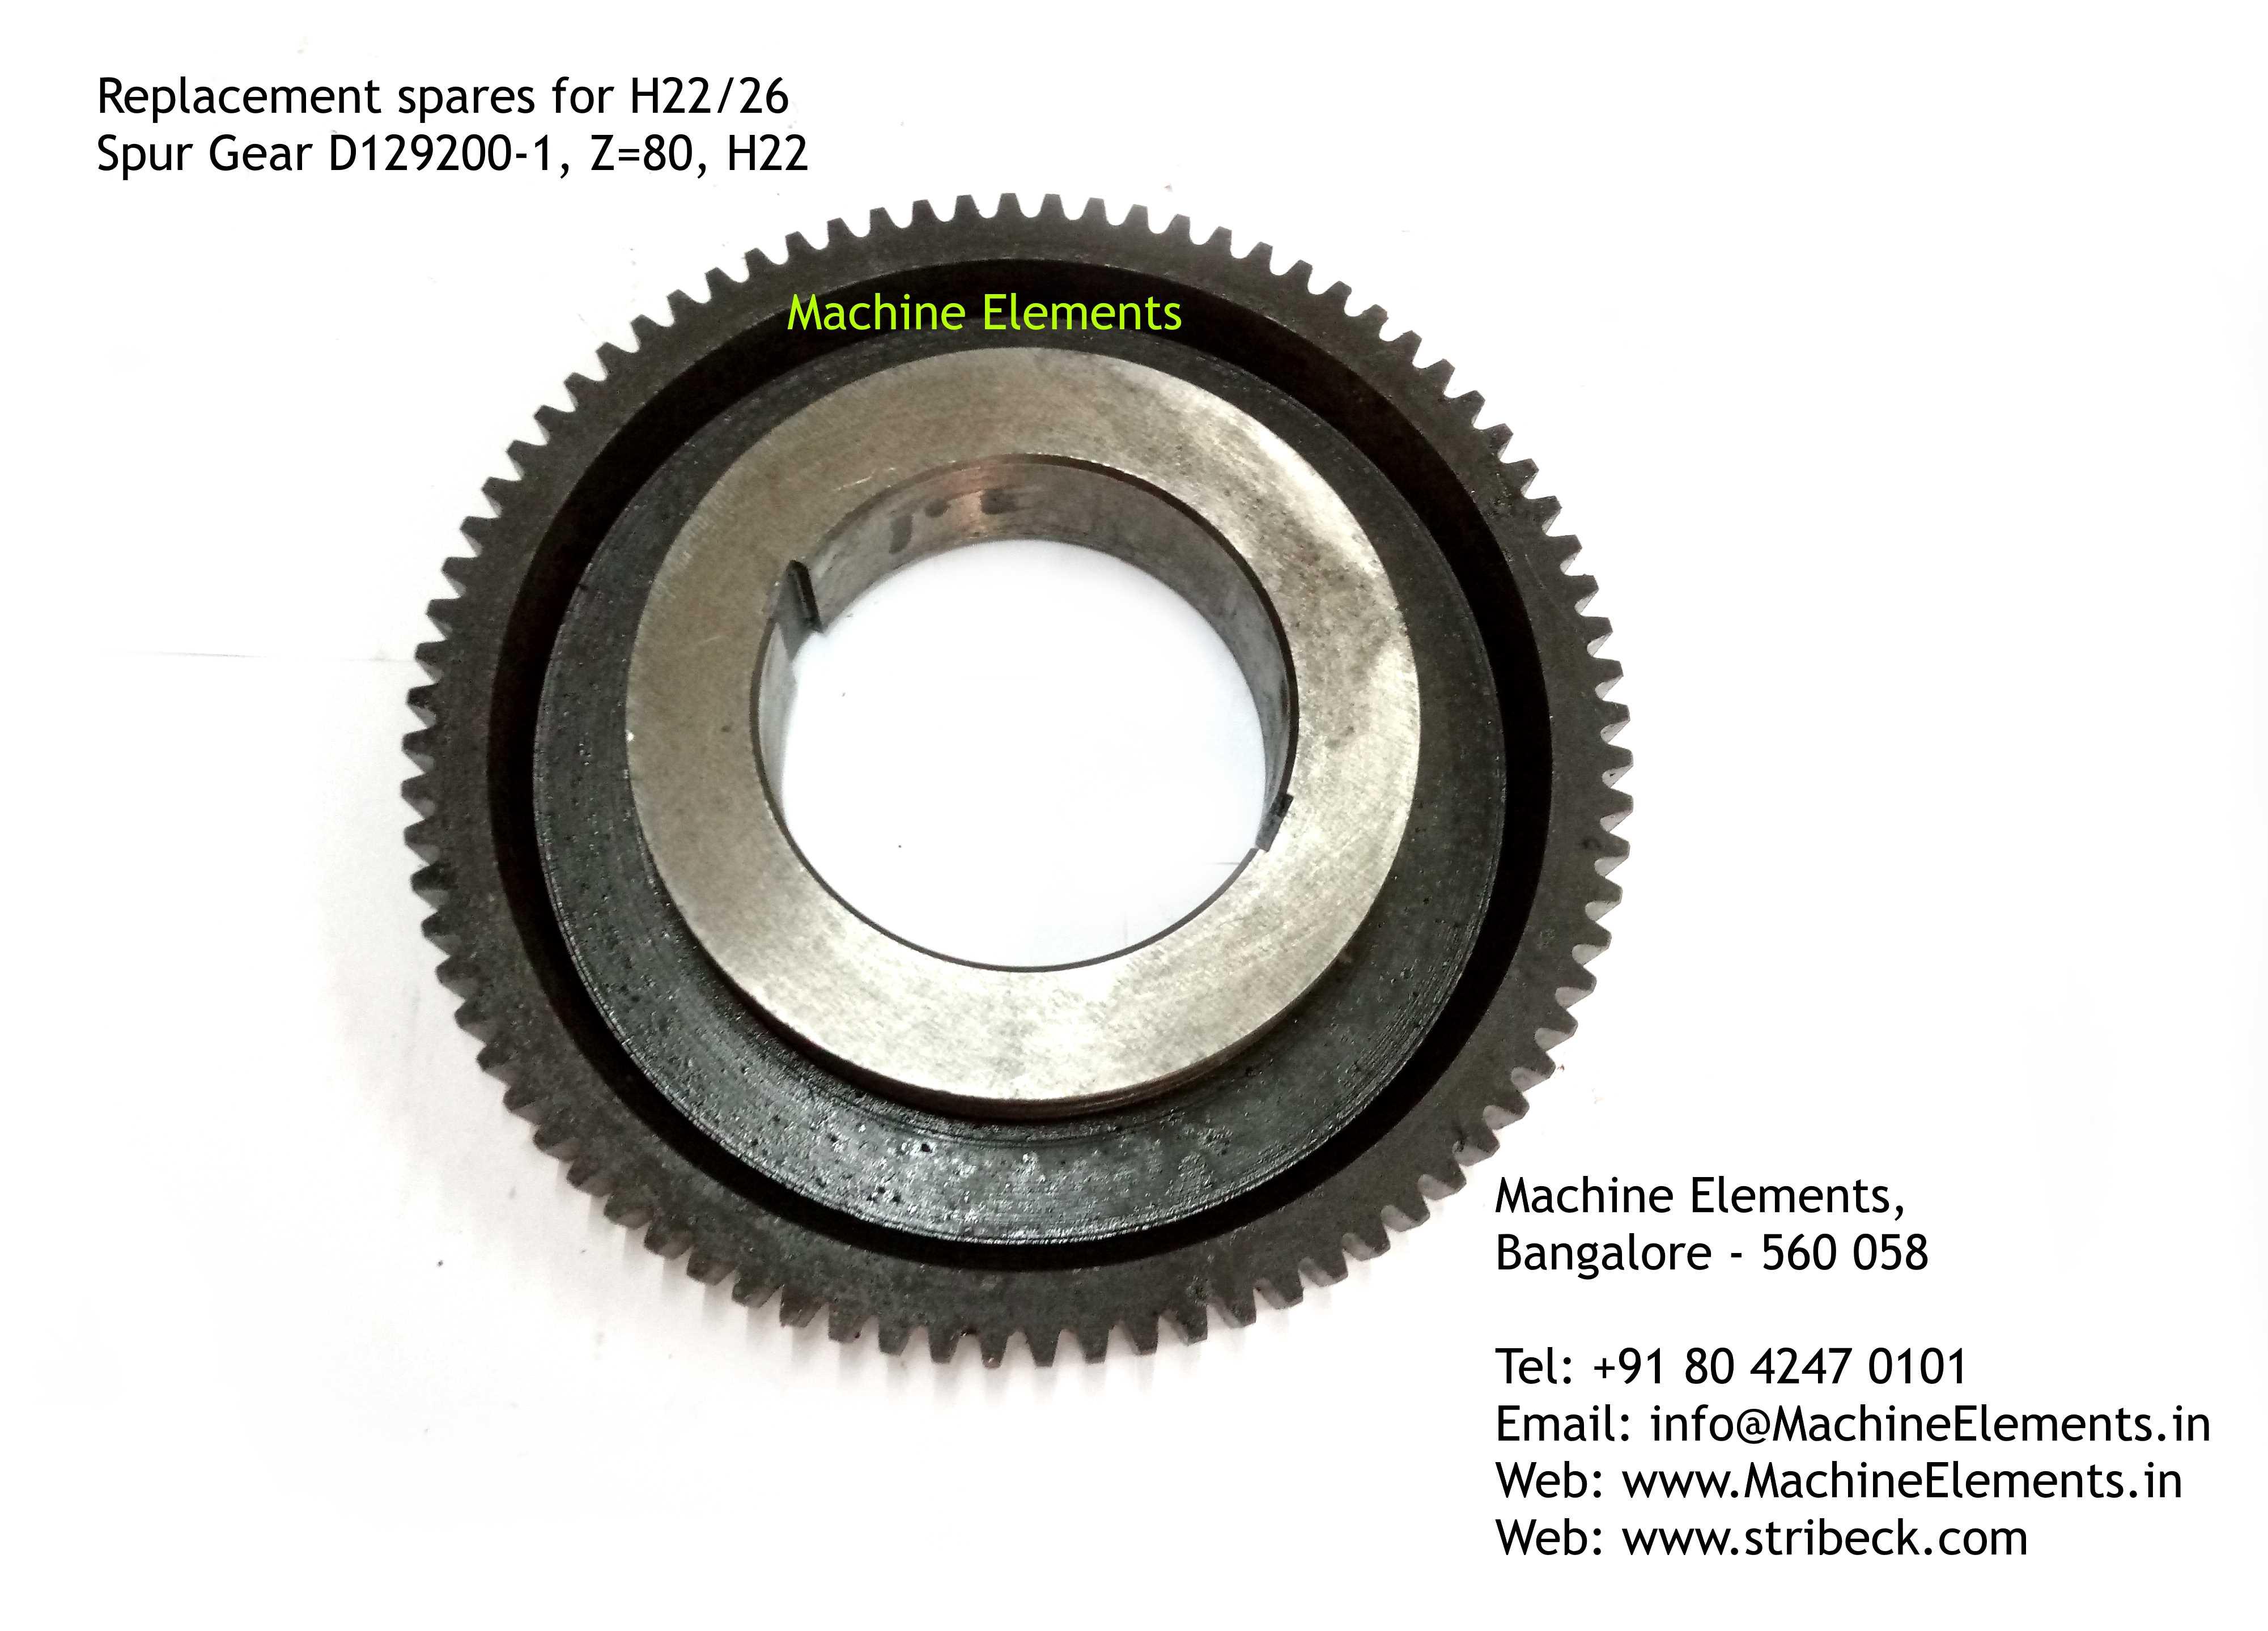 Spur Gear D129200-1, Z=80, H22